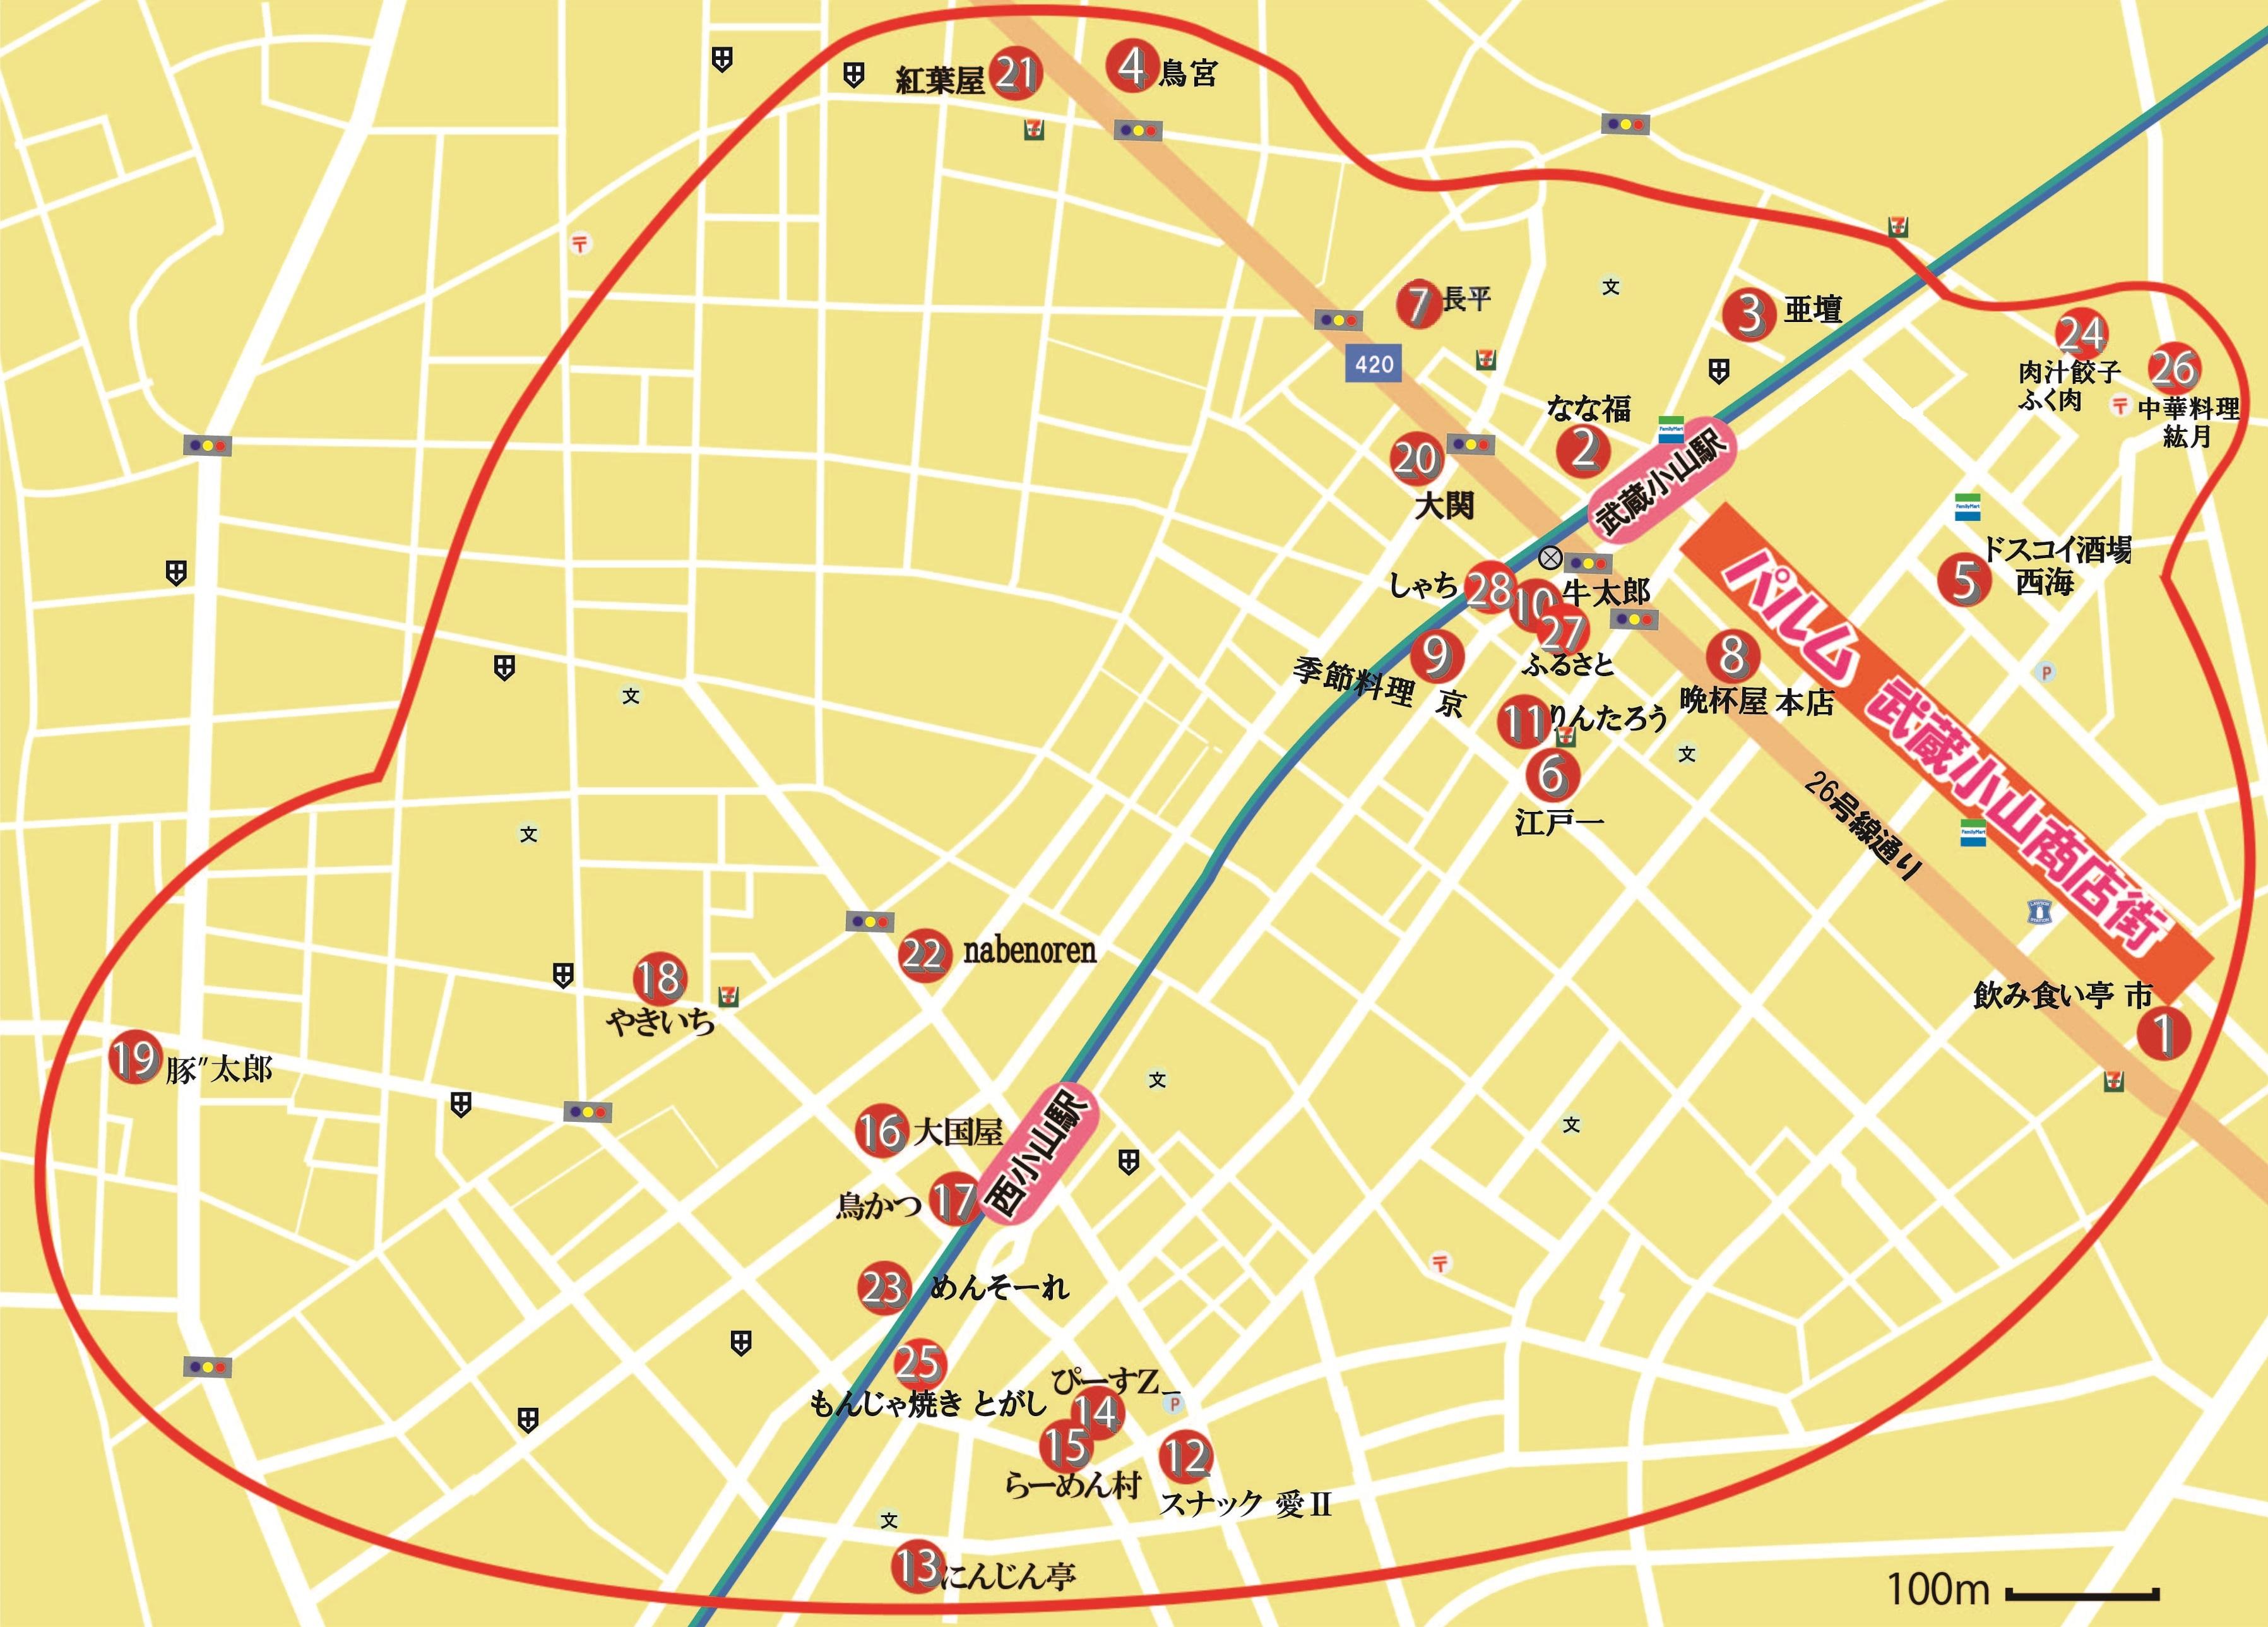 20170712_ハイサワー特区地図追加Y